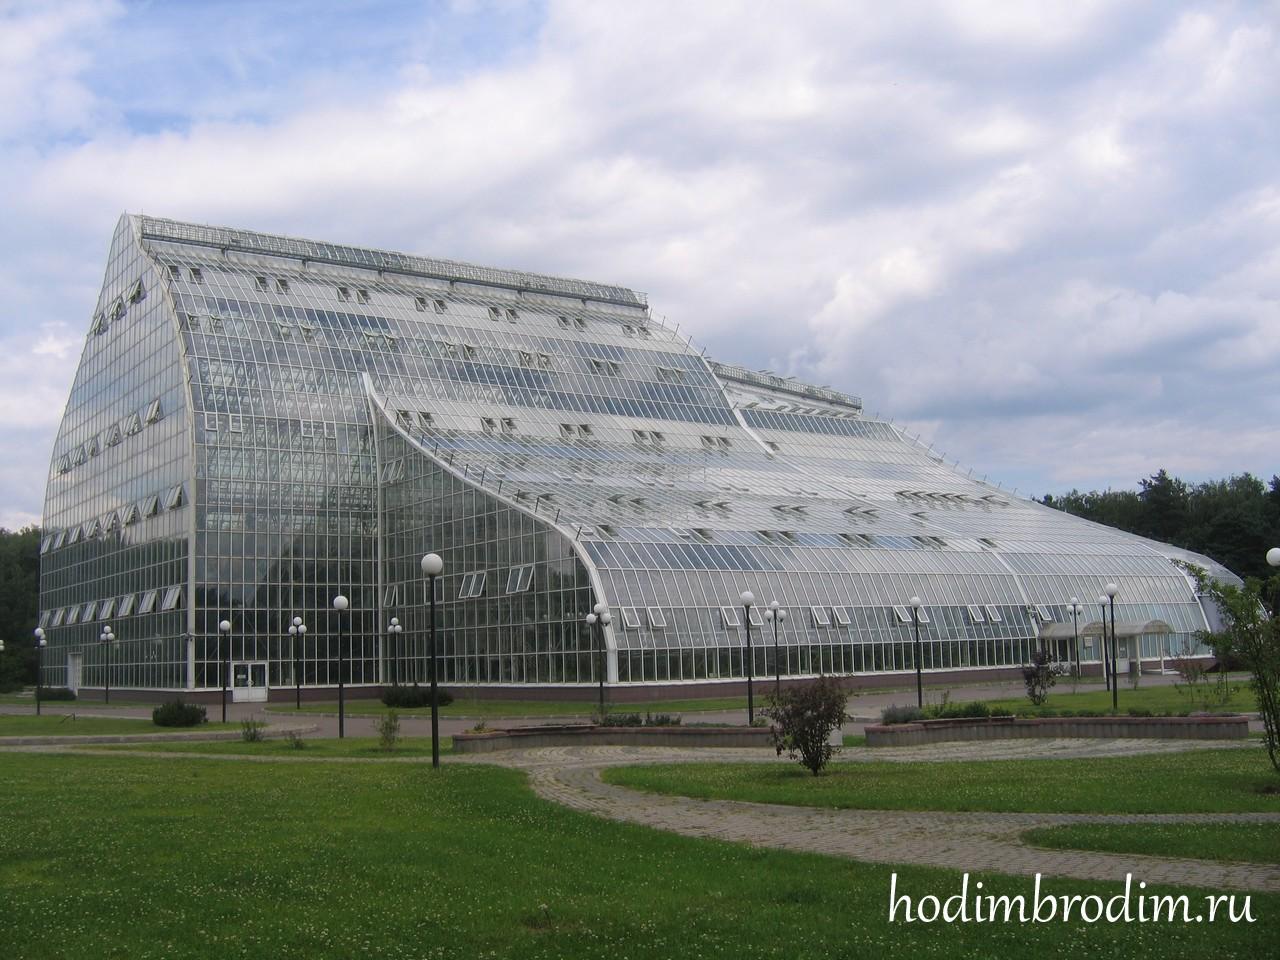 Ботанический сад им. Цицина036